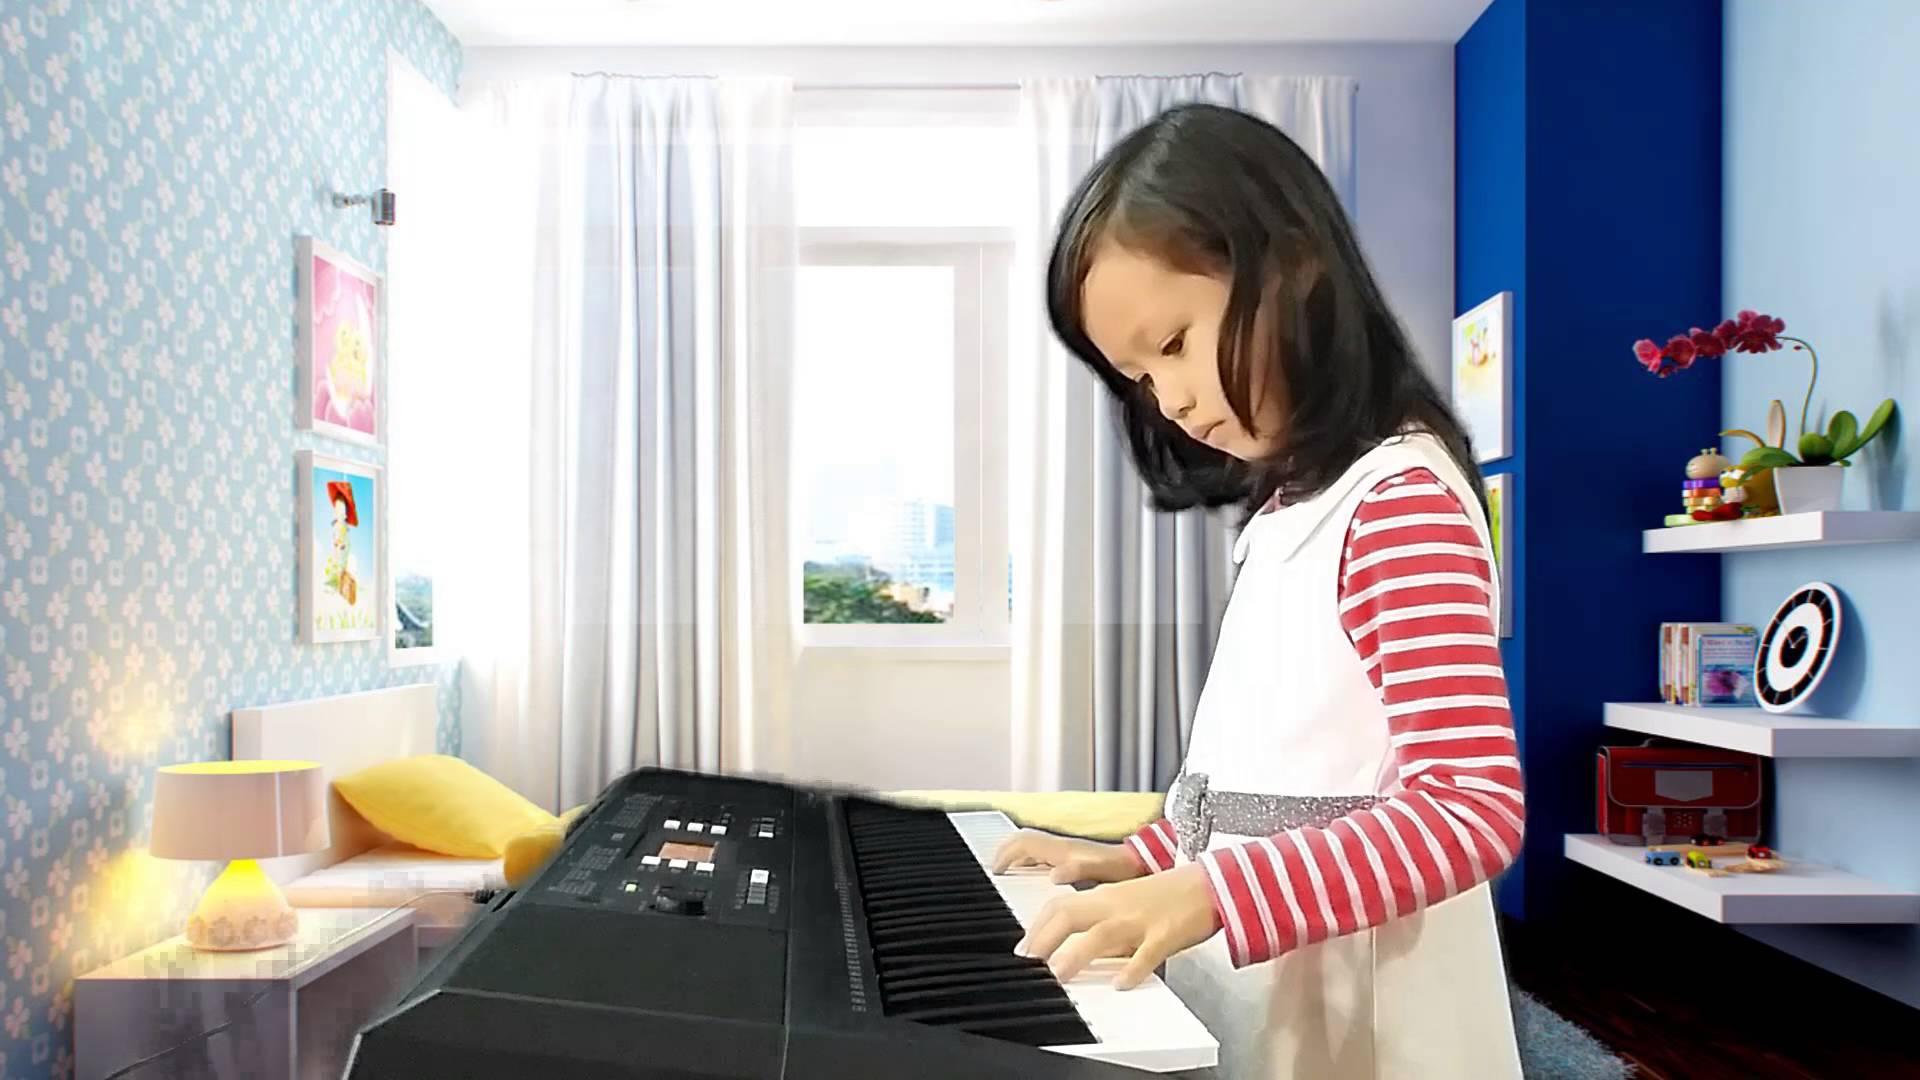 mẫu Organ phù hợp cho các bé 10 tuổi